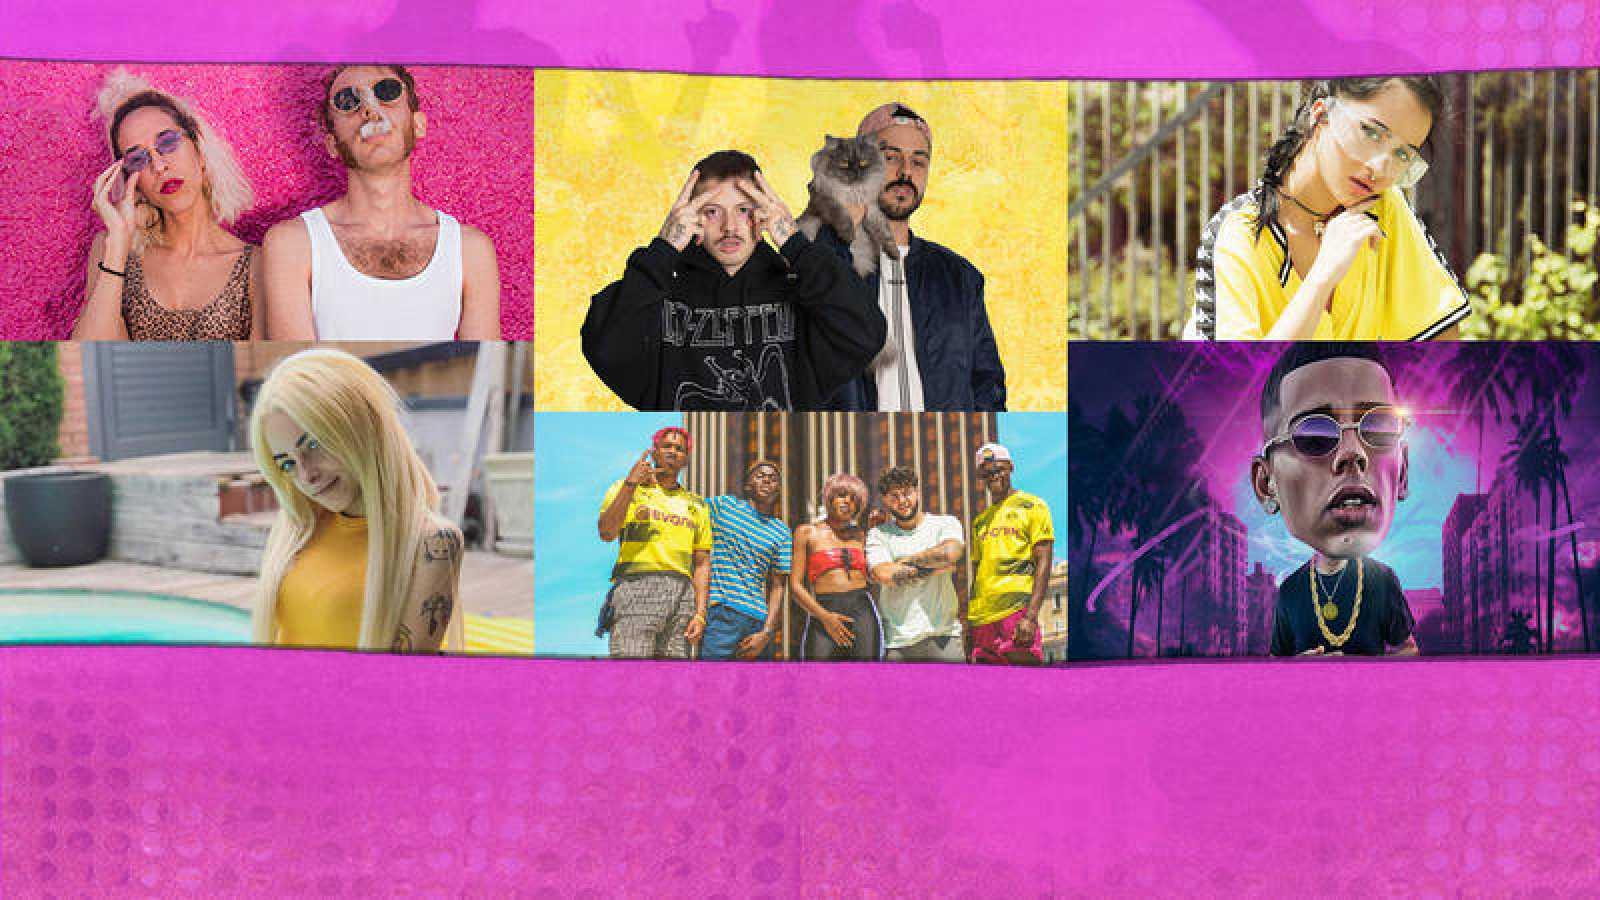 Dora Black, Afrojuice 195, Mueveloreina, Fusa Nocta, La Fanny y Golfito Lil, artistas confirmados para PlayZound Trap